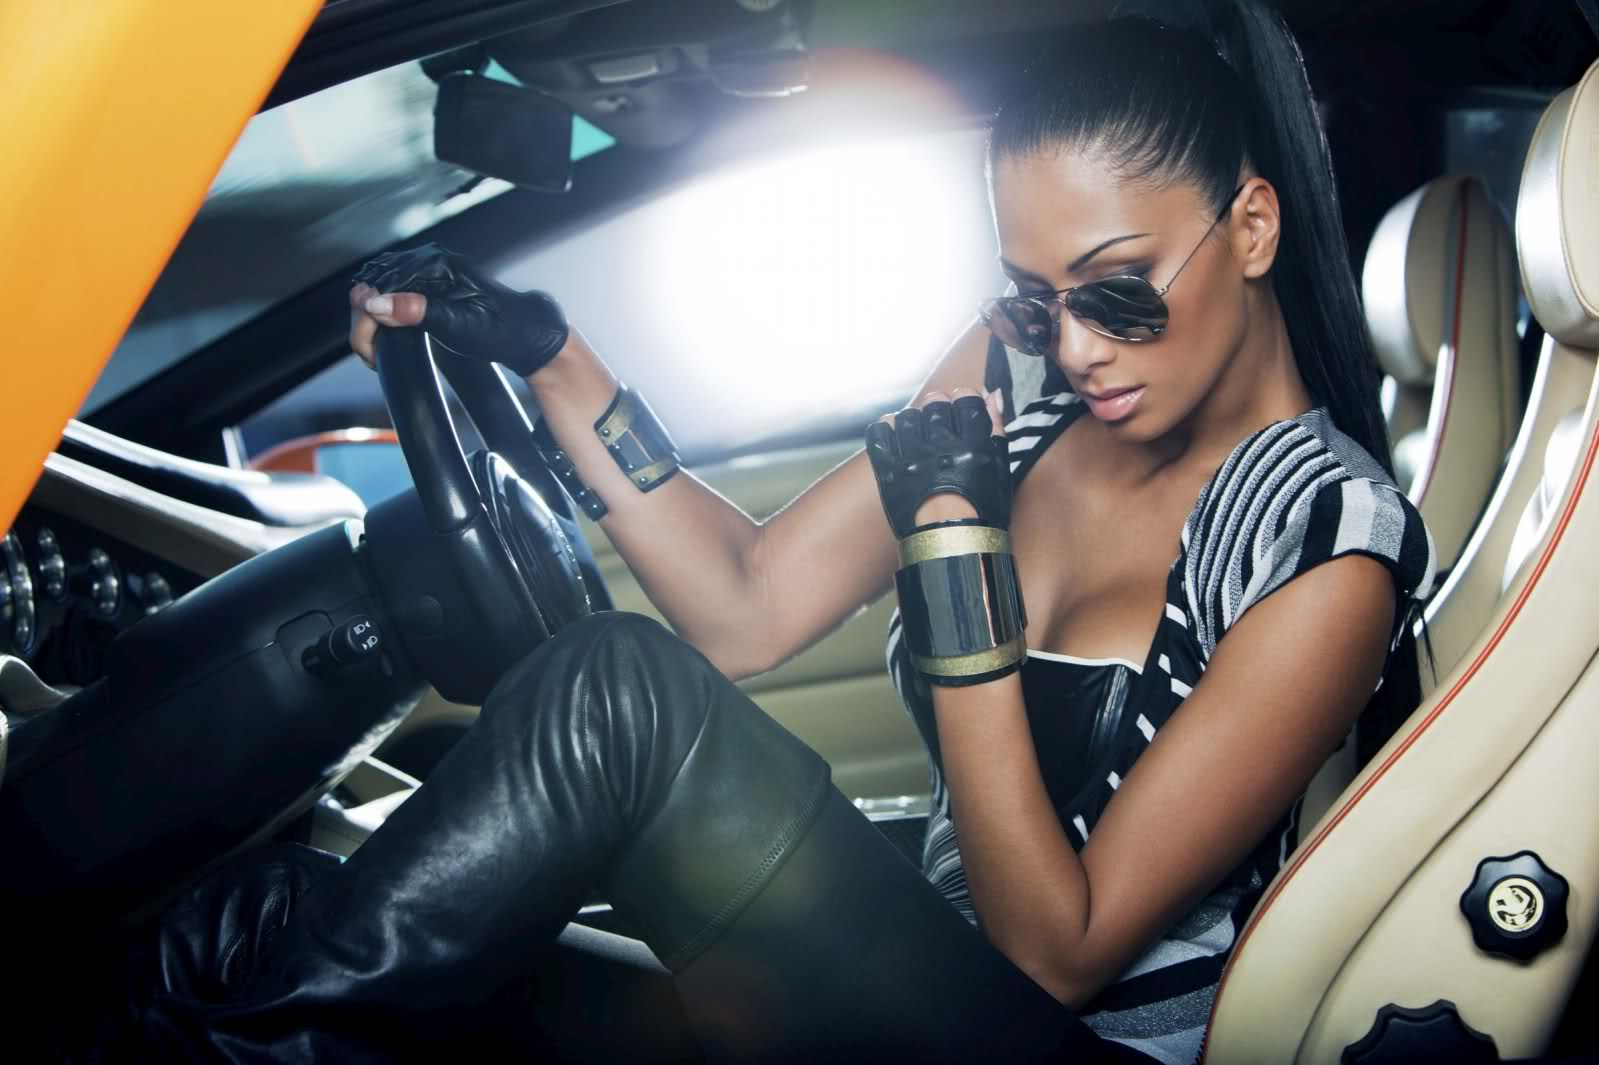 Lamborghini Diablo a Nicole Scherzinger 7